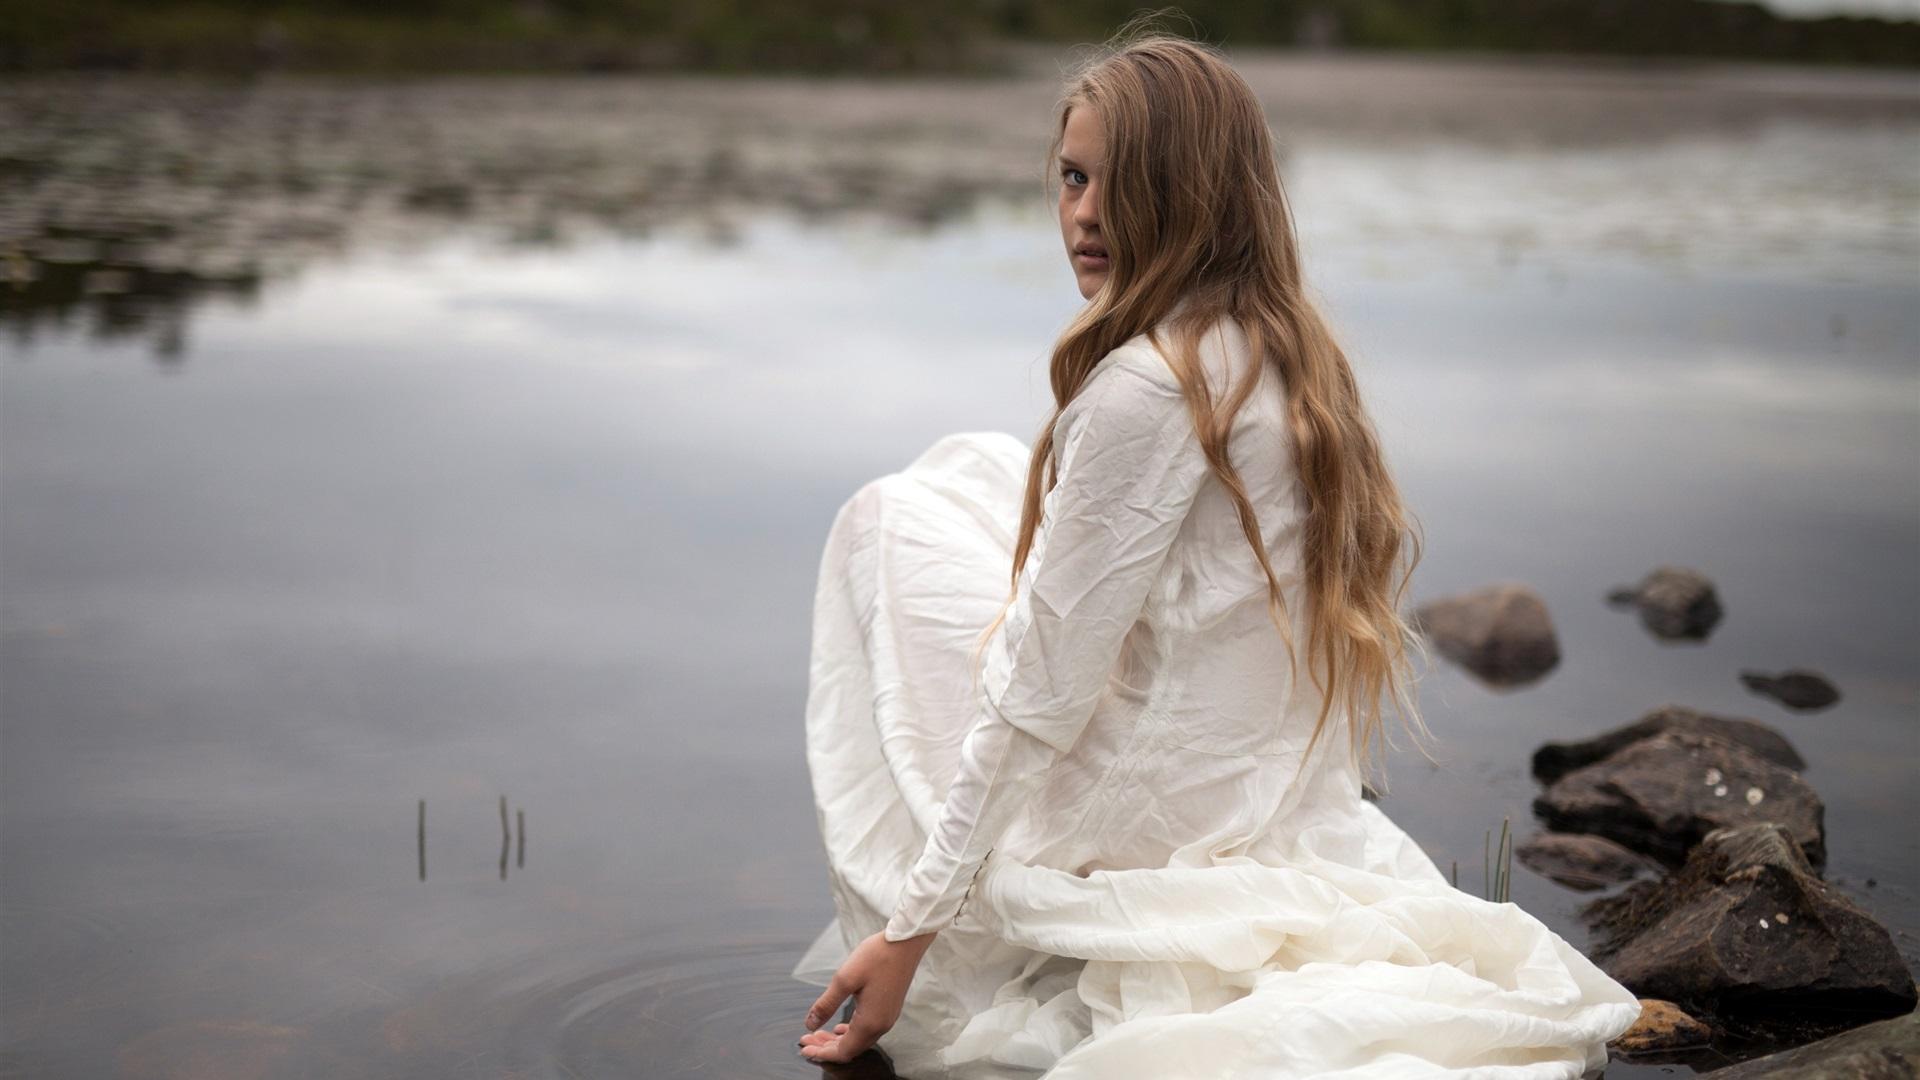 фотосессия на берегу реки холод люди карпов